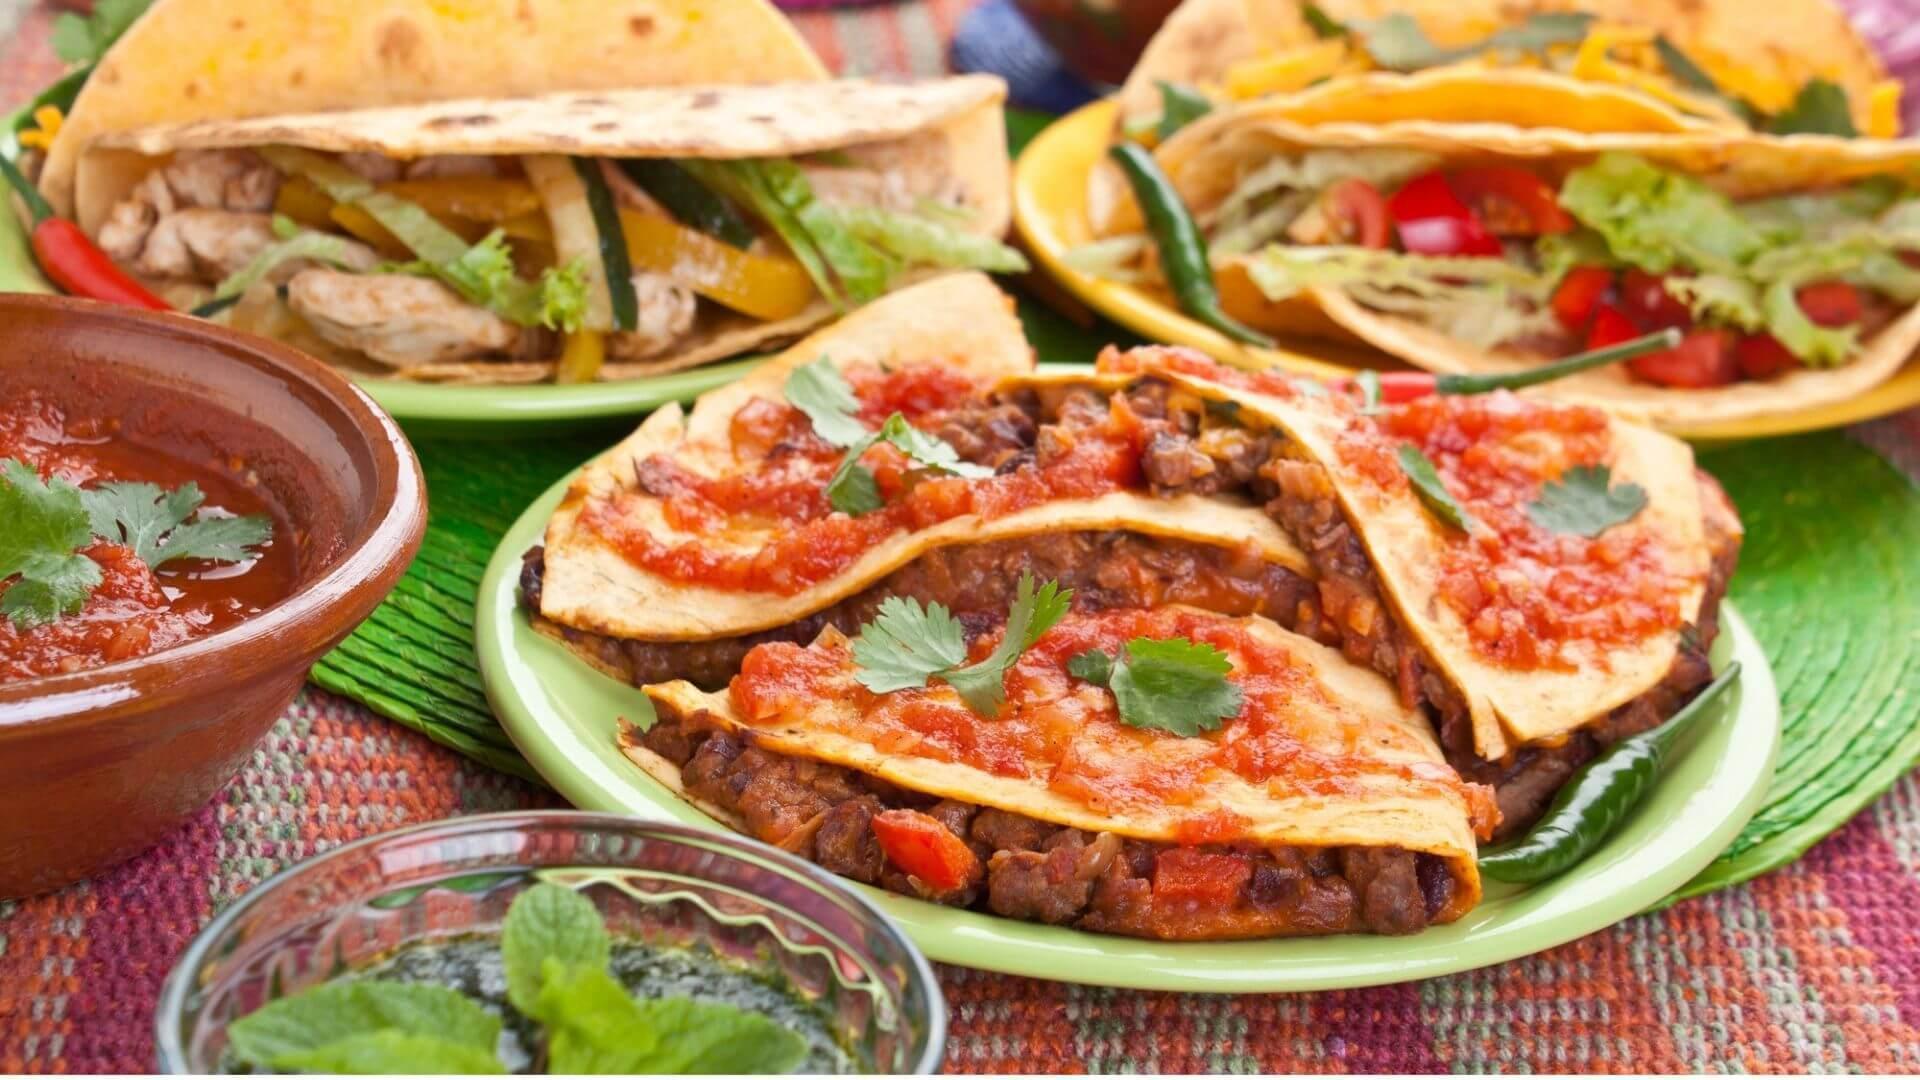 Pasaulyje garsi meksikiečių virtuvė